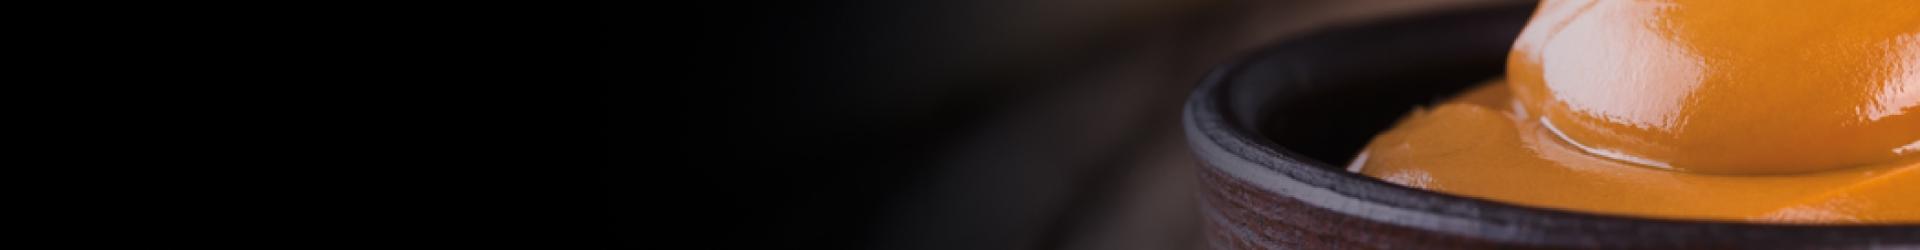 Bronzage sans soleil Biarritz, Bronzage sans soleil Oloron, Bronzage sans soleil Pau, Extension de cils Biarritz, Extension de cils Oloron, Extension de cils Pau, Institut de beauté Biarritz, Institut de beauté Oloron, Institut de beauté Pau, Soin visage Biarritz, Soin visage Oloron, Soin visage Pau, Vernis semi permanent Biarritz, Vernis semi permanent Oloron, Vernis semi permanent Pau